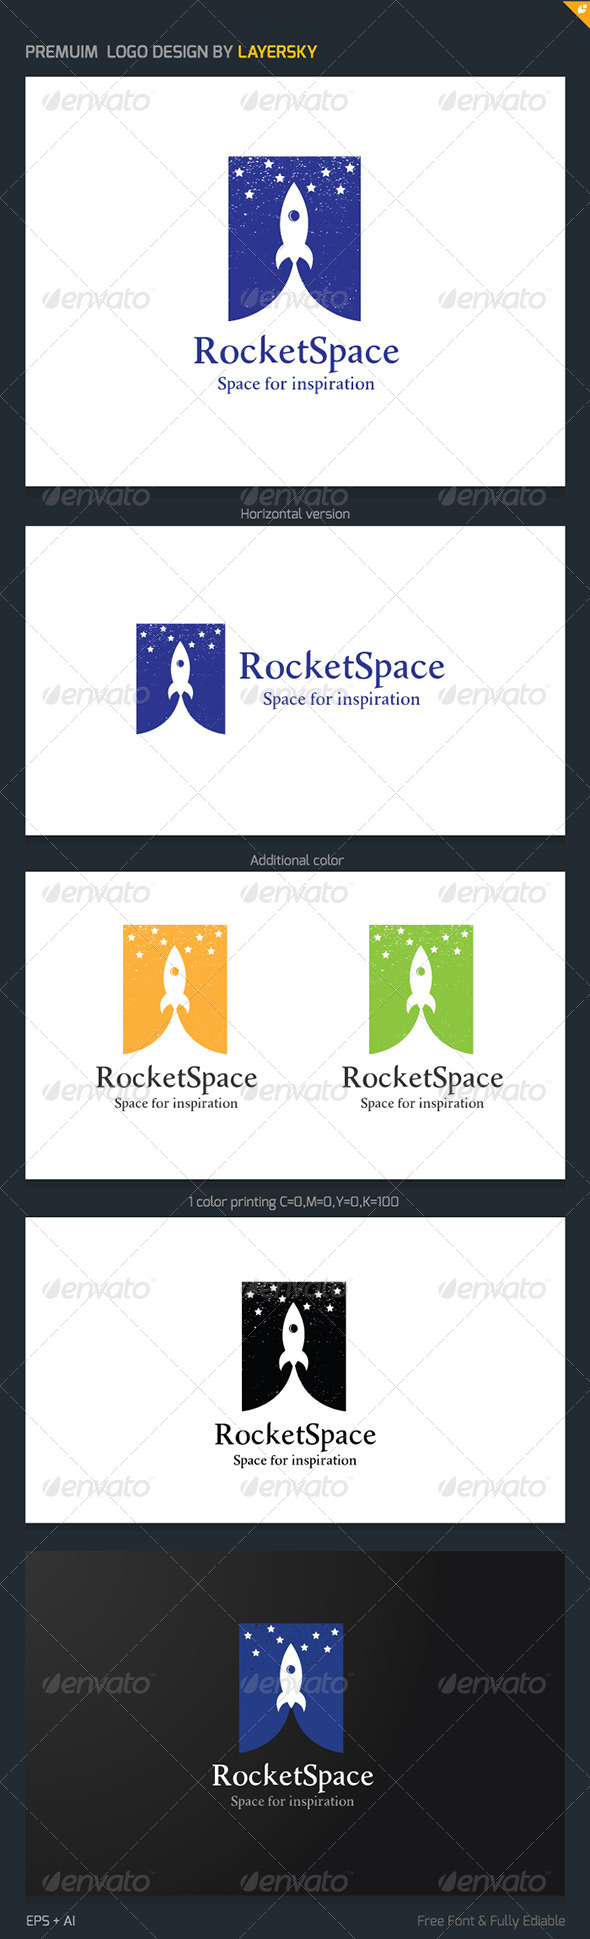 Rocket Space Logo